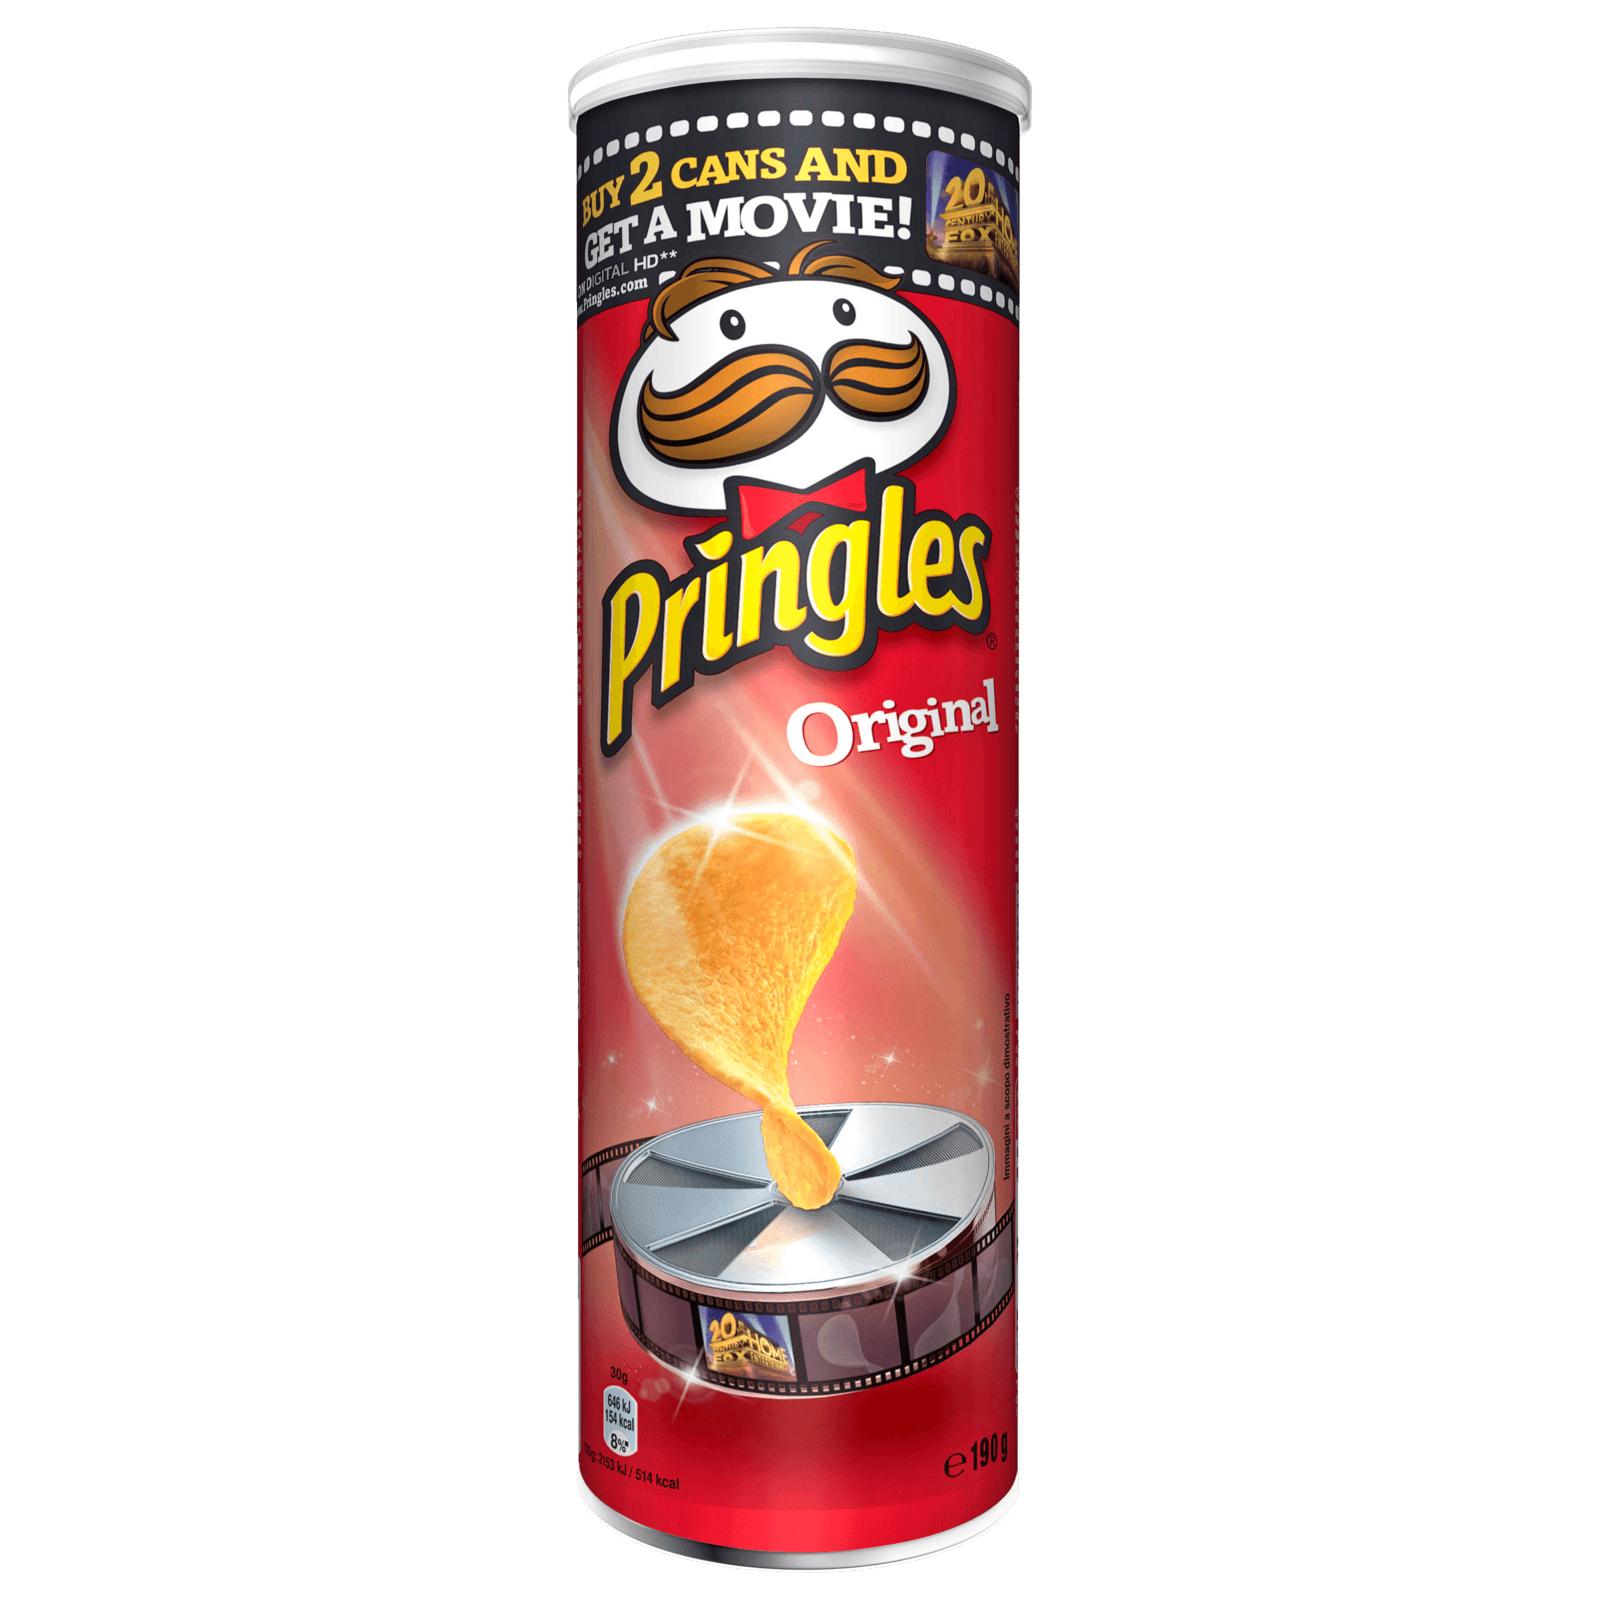 [Marktguru - 1x einlösbar]Pringles